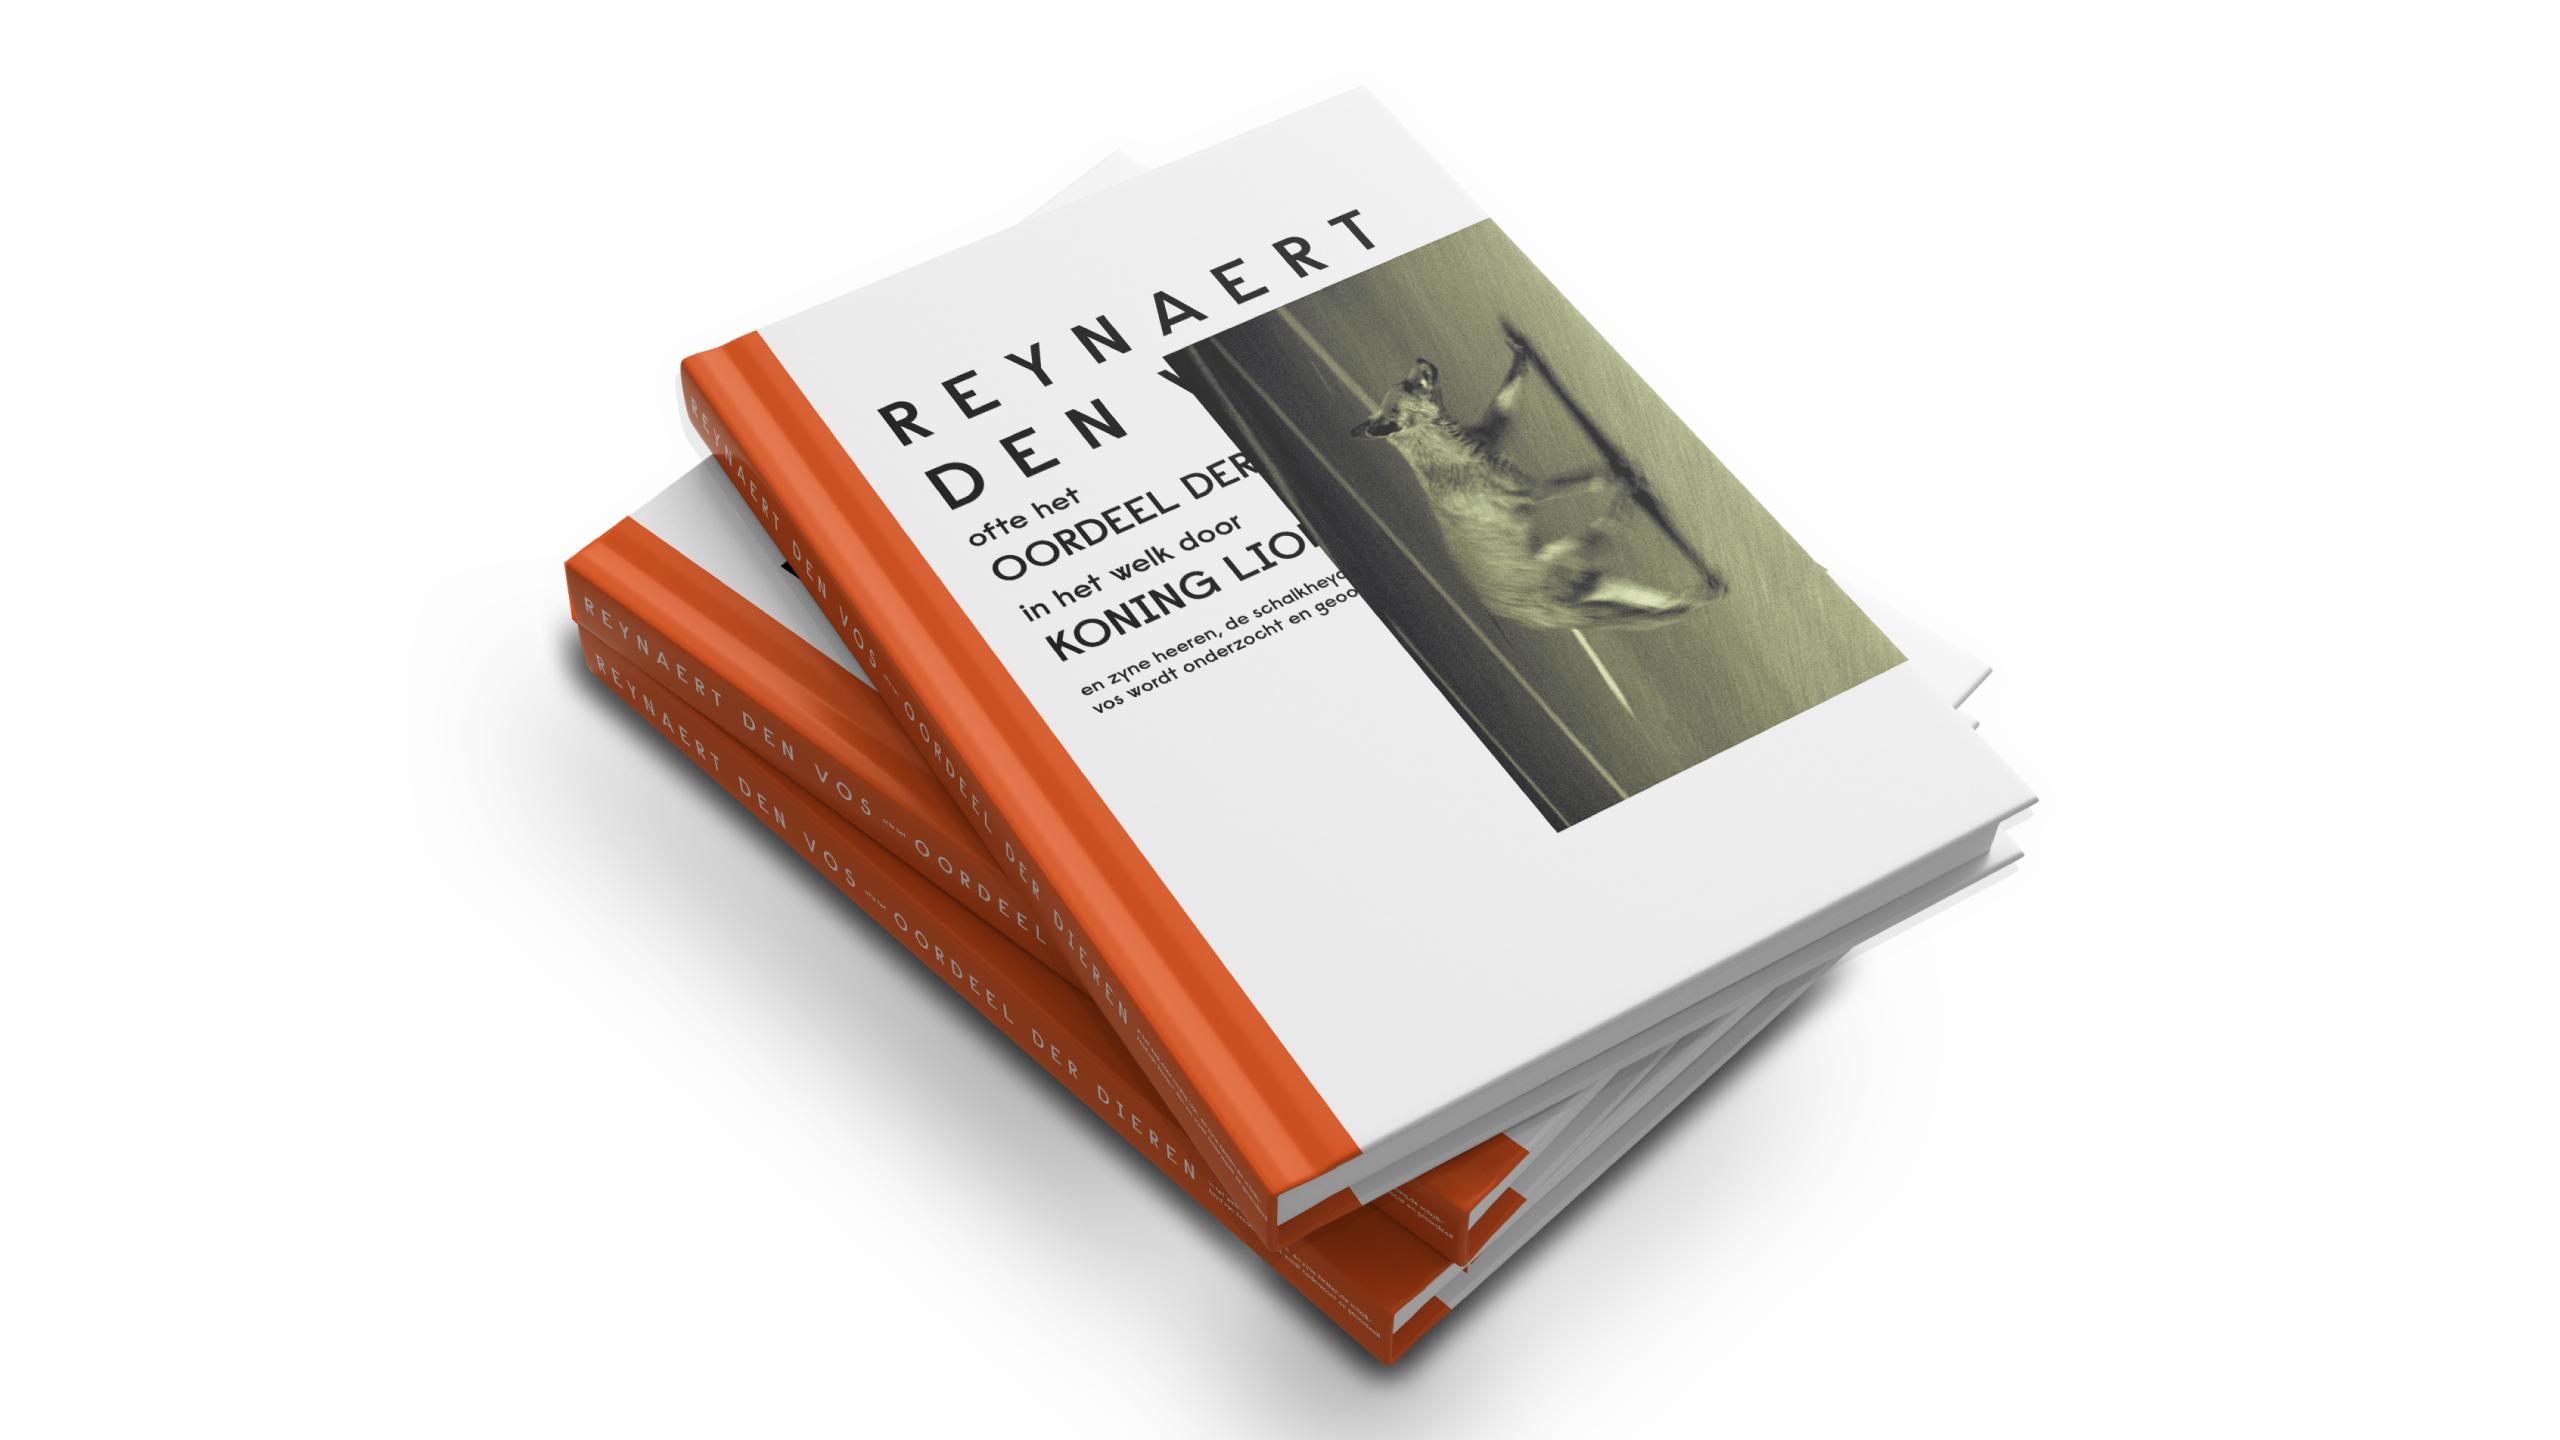 Reyn-3